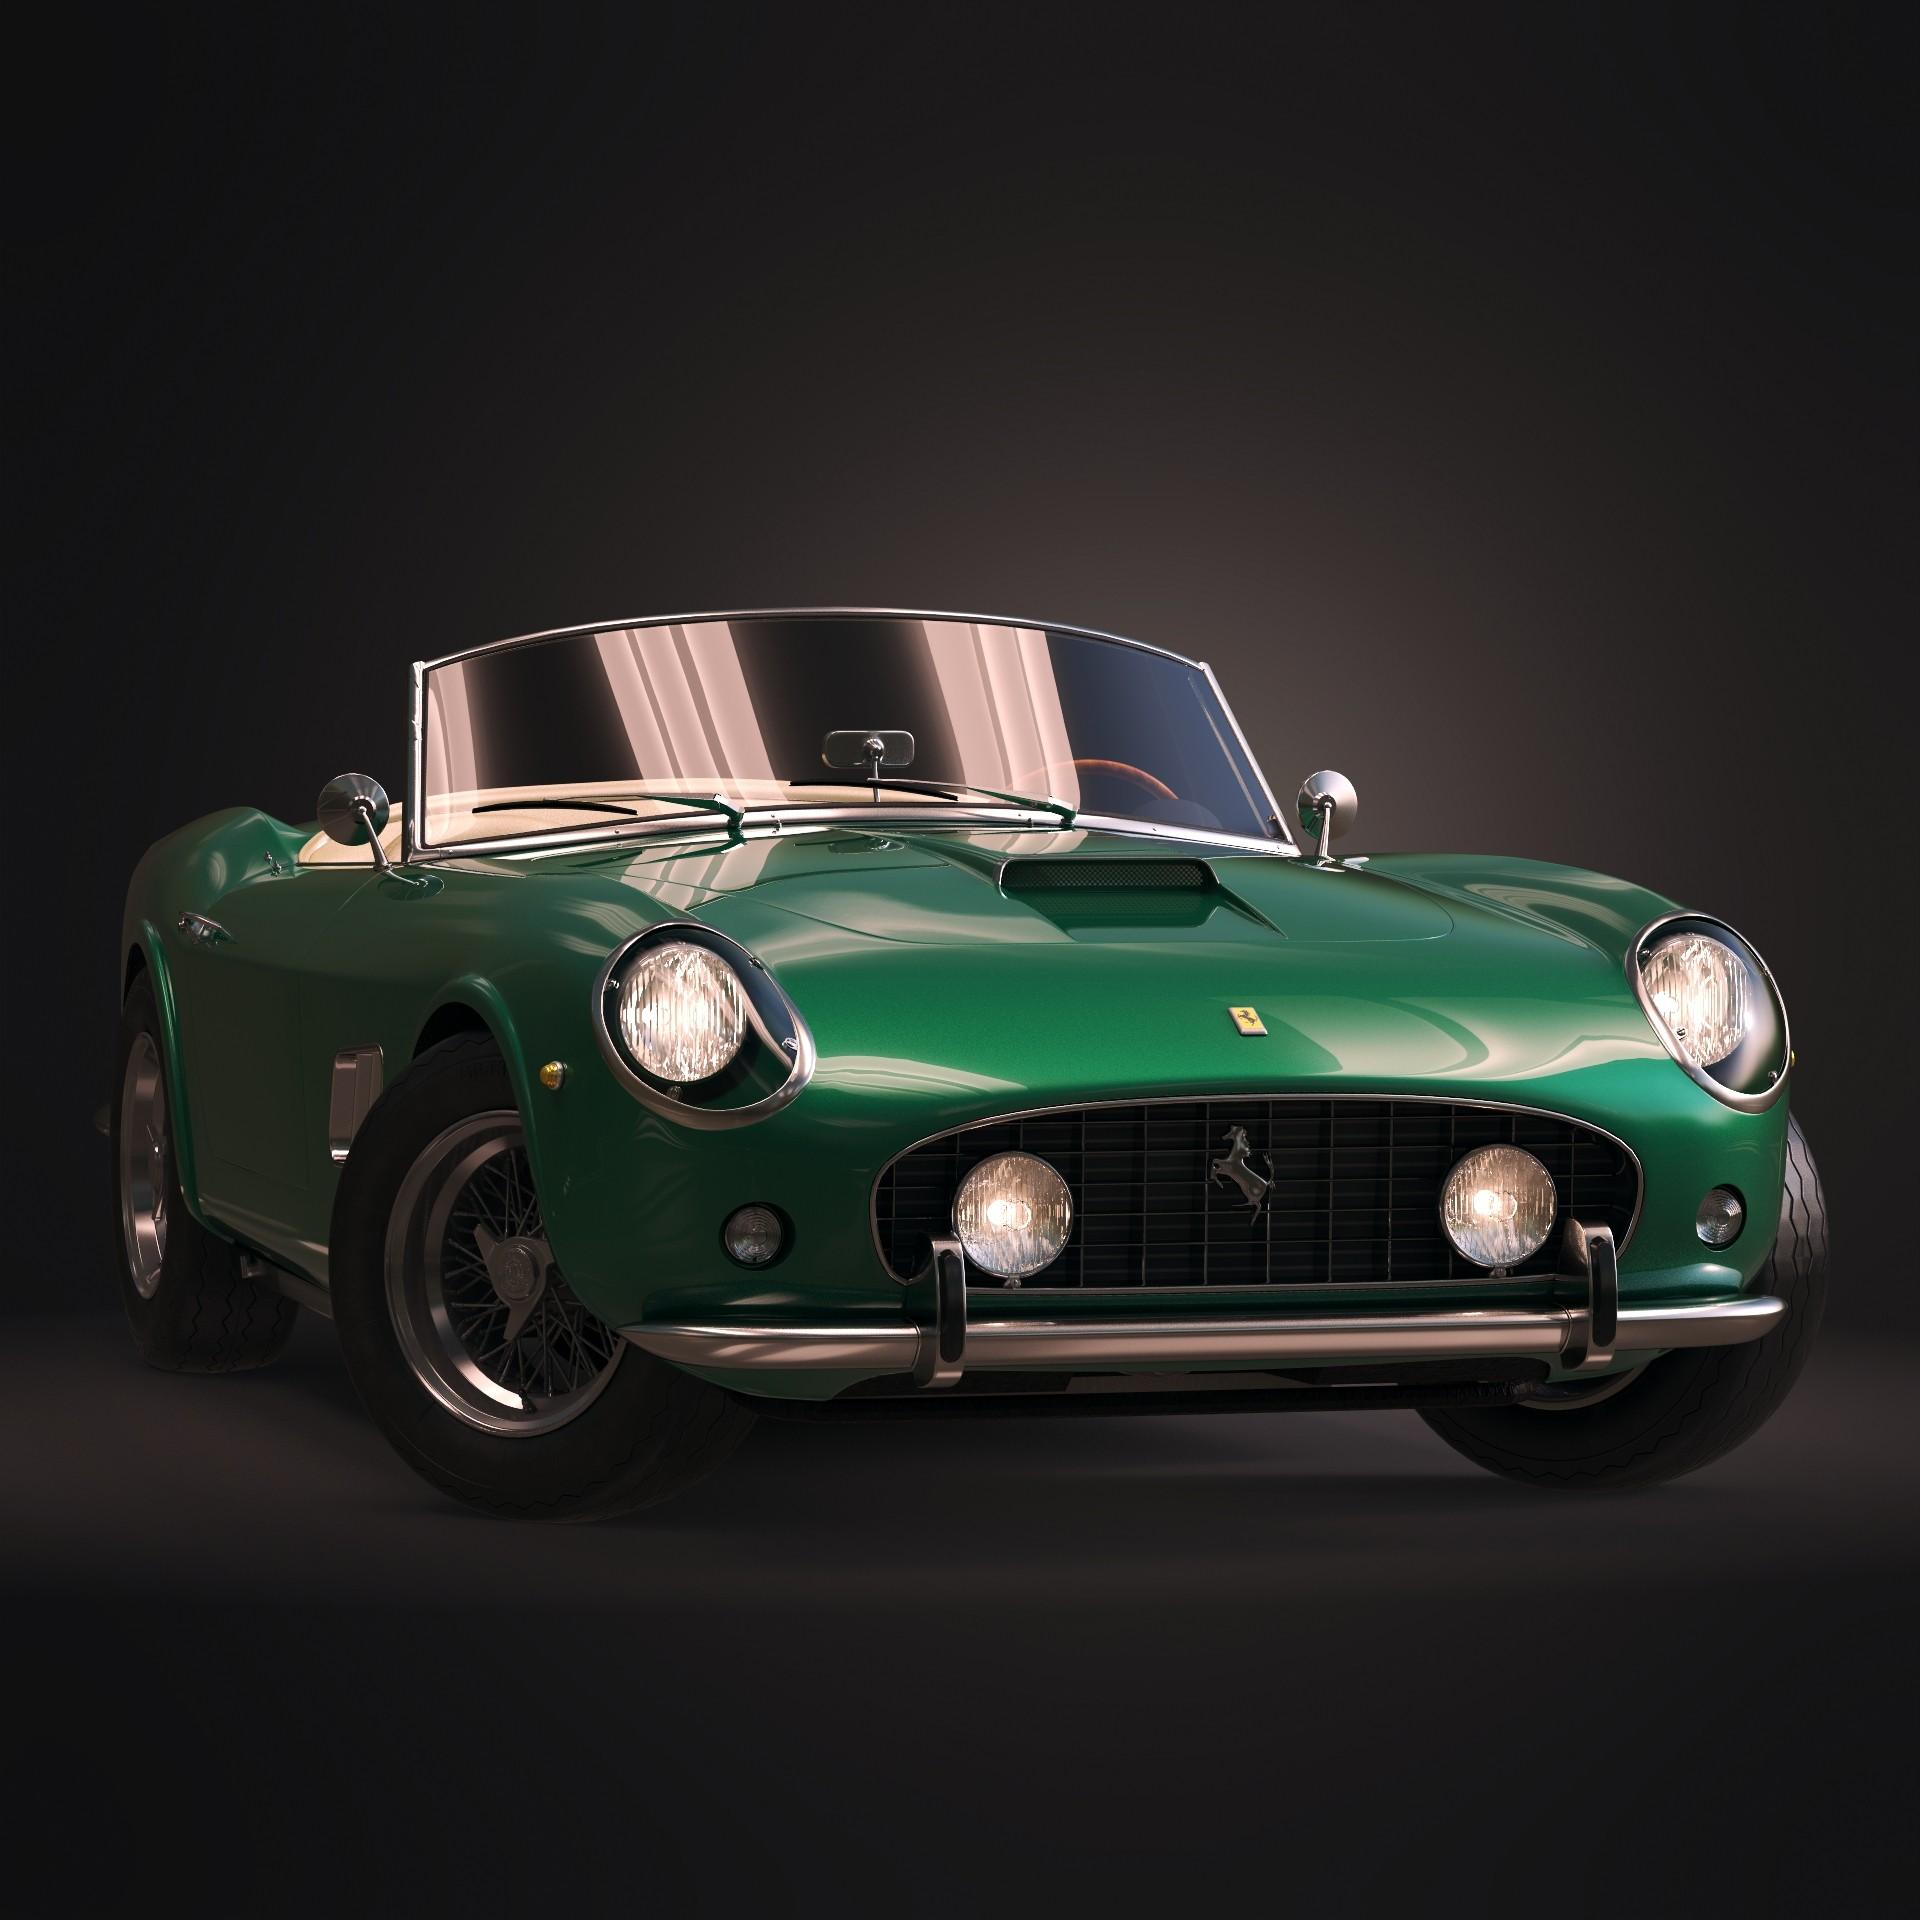 Ferrari 250 GT California Spyder LWB 1962.RGB_color.0004.jpg